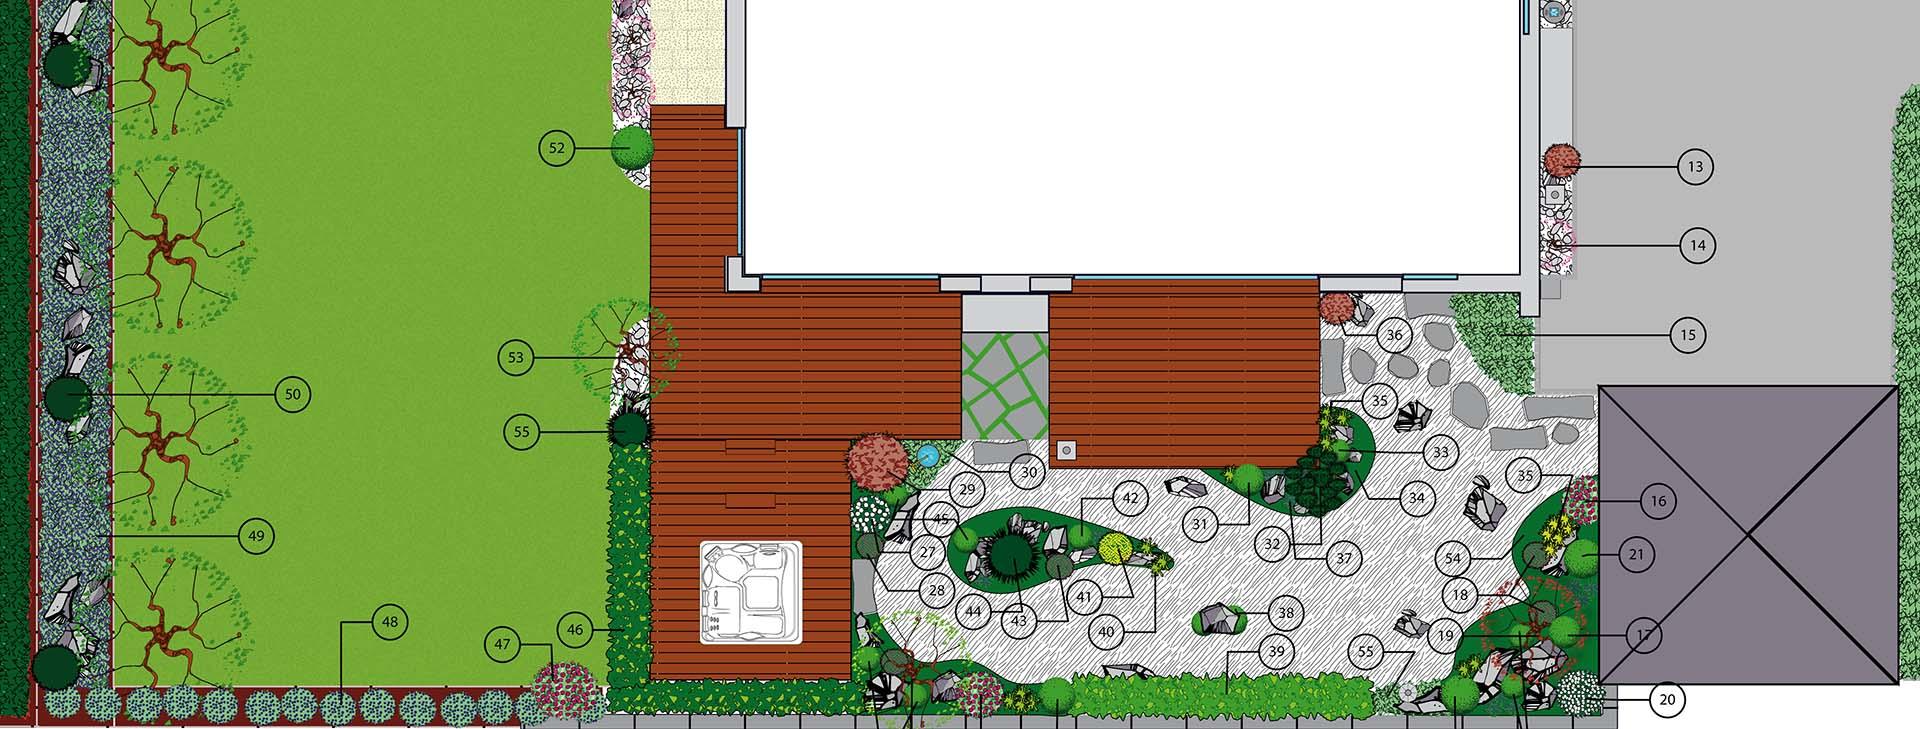 plan projet transformation jardin zen